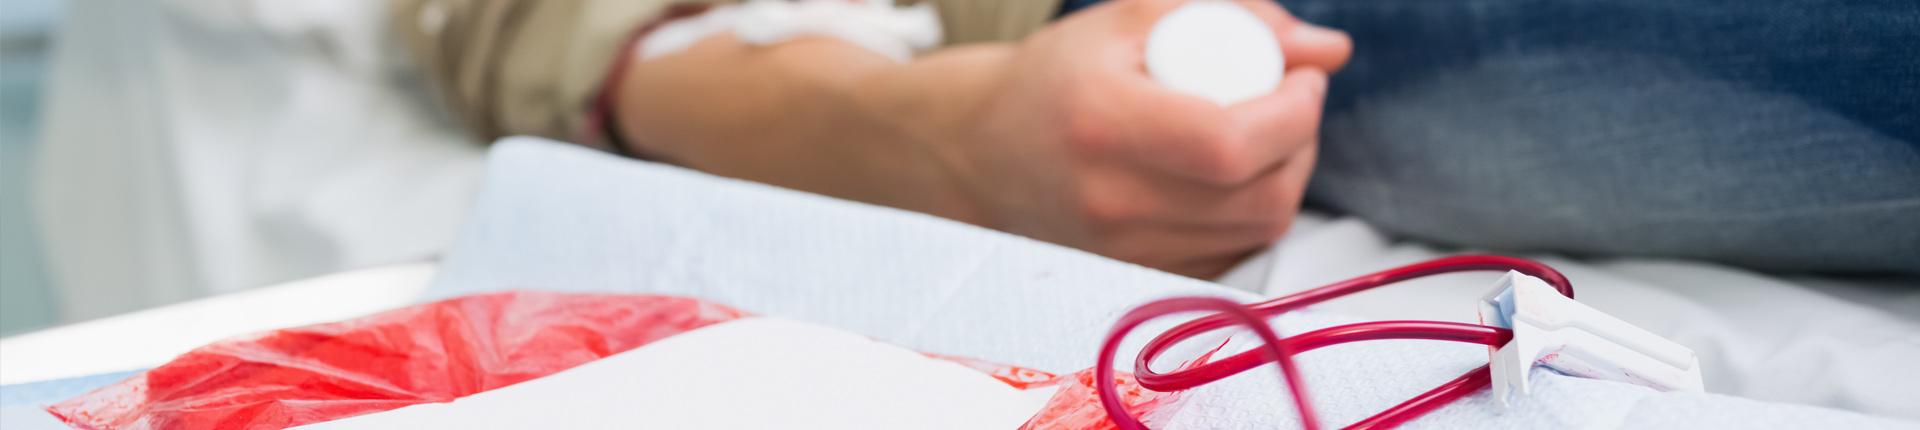 Oddawanie krwi a suplementacja, SAA i aktywność fizyczna